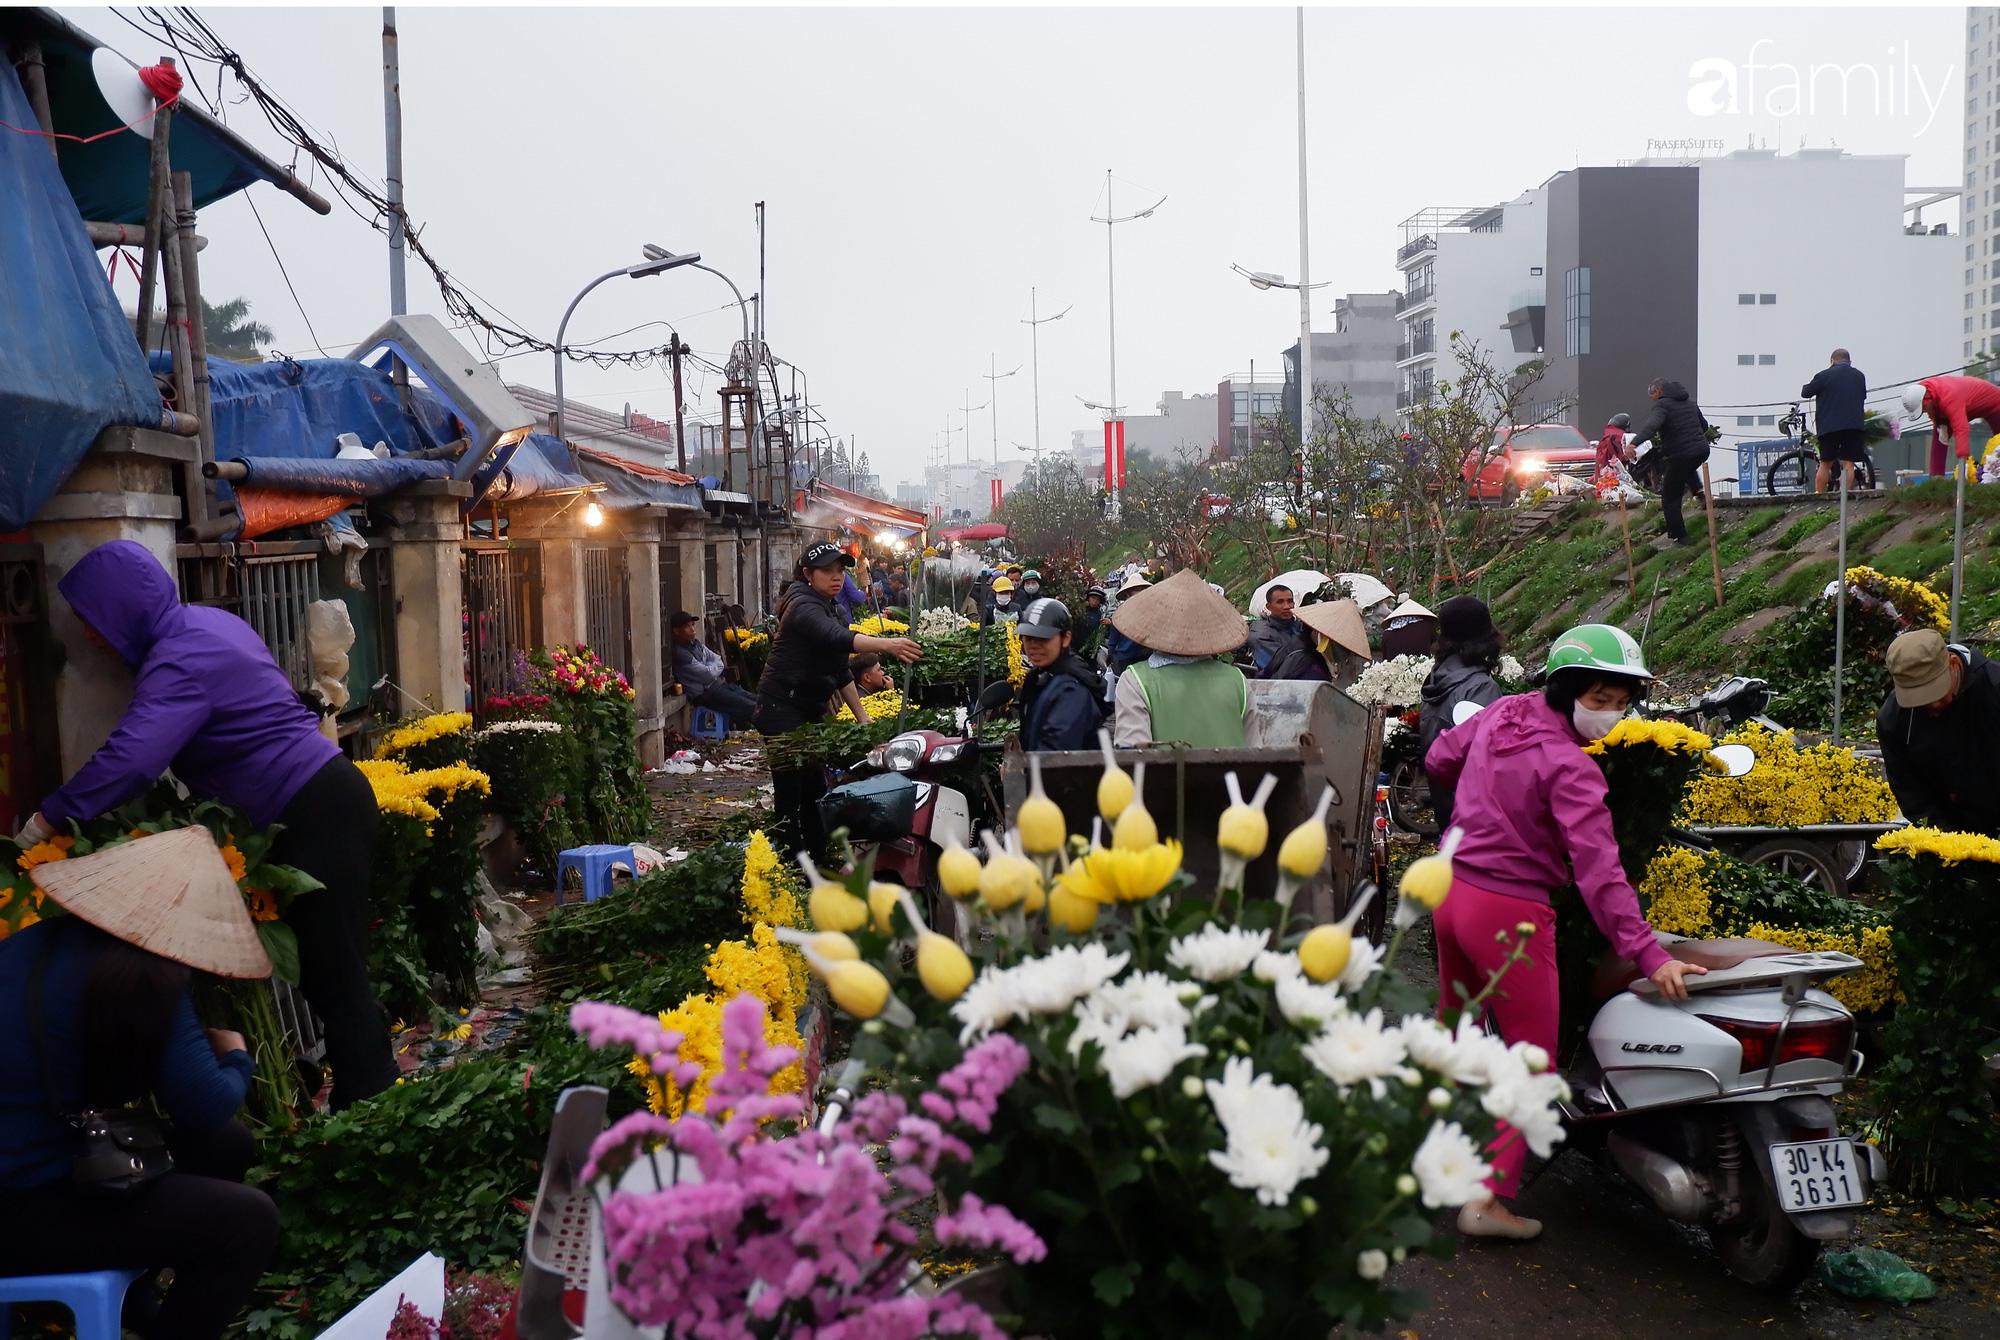 Tấp nập chợ hoa đêm Quảng An ngày Quốc tế Phụ nữ 8/3 - Ảnh 2.